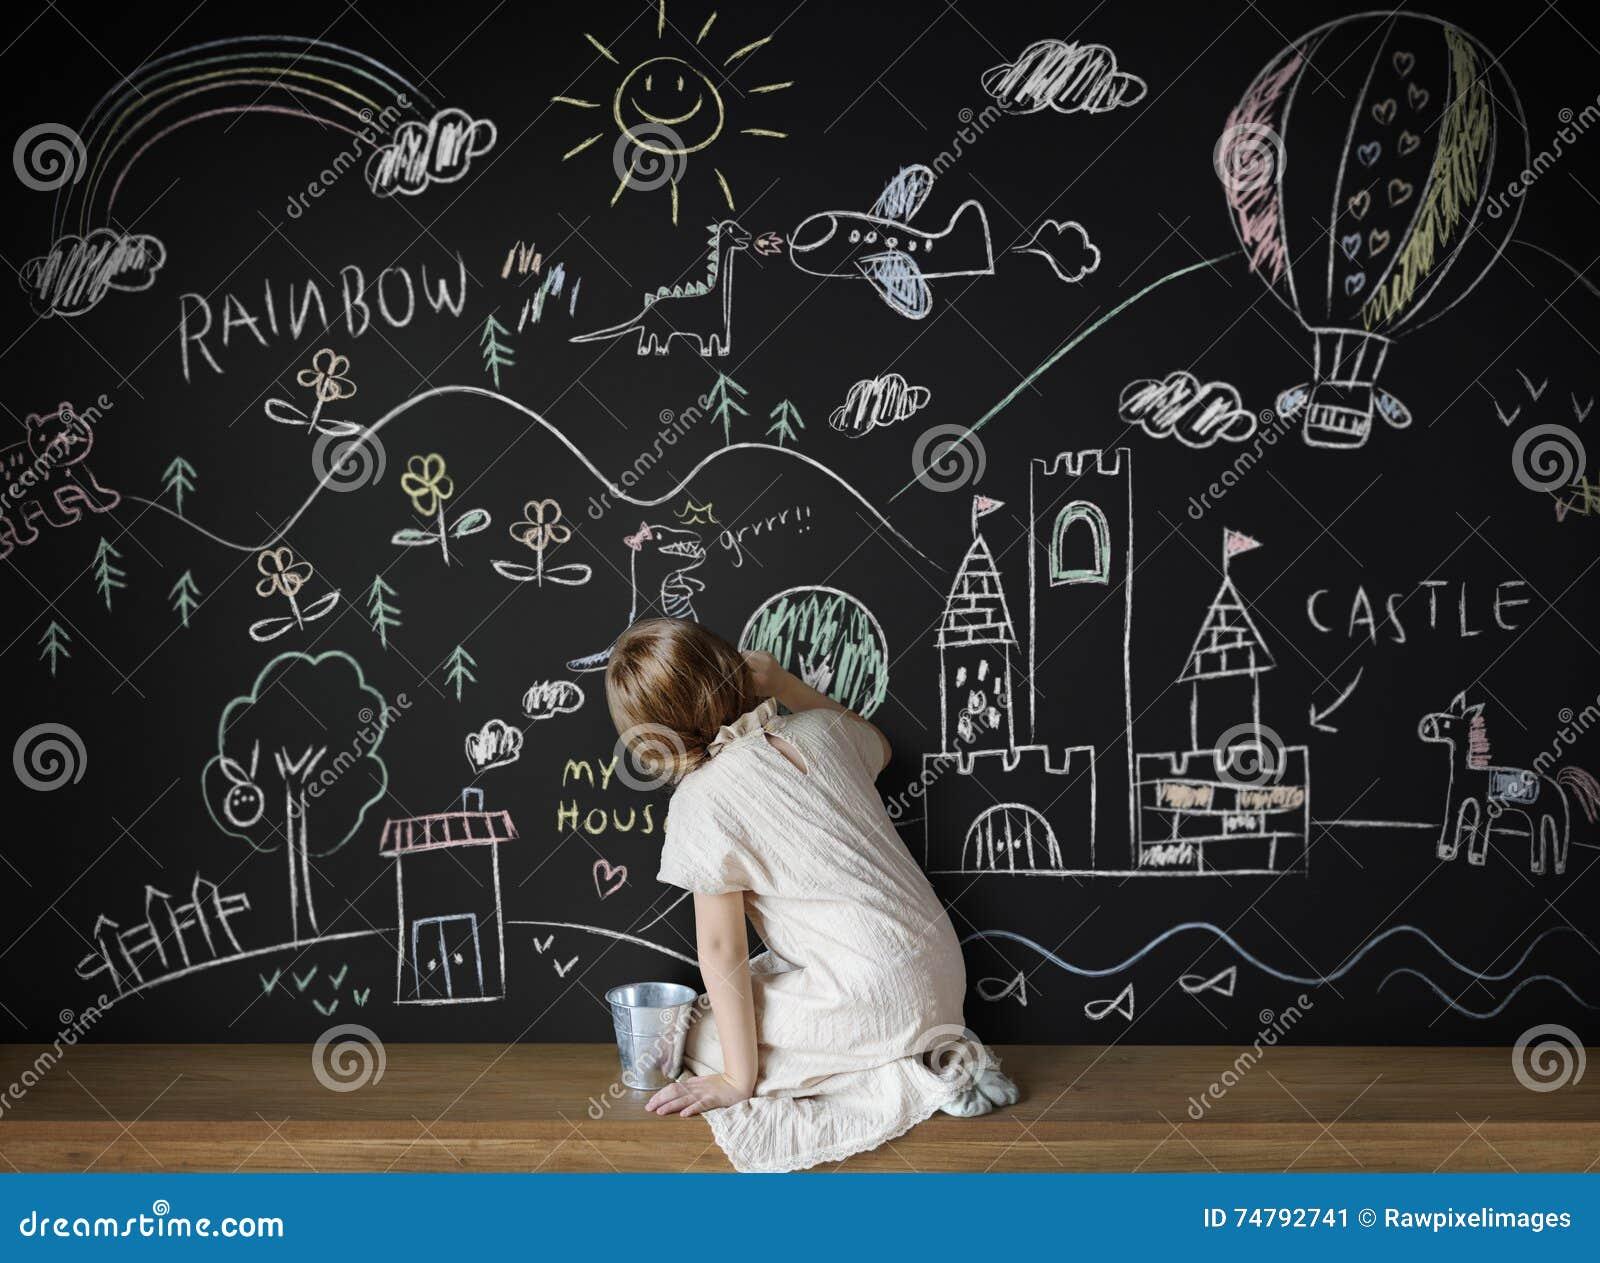 Tafel, Die Kreative Fantasie-Ideen-Konzept Zeichnet Stockbild ...